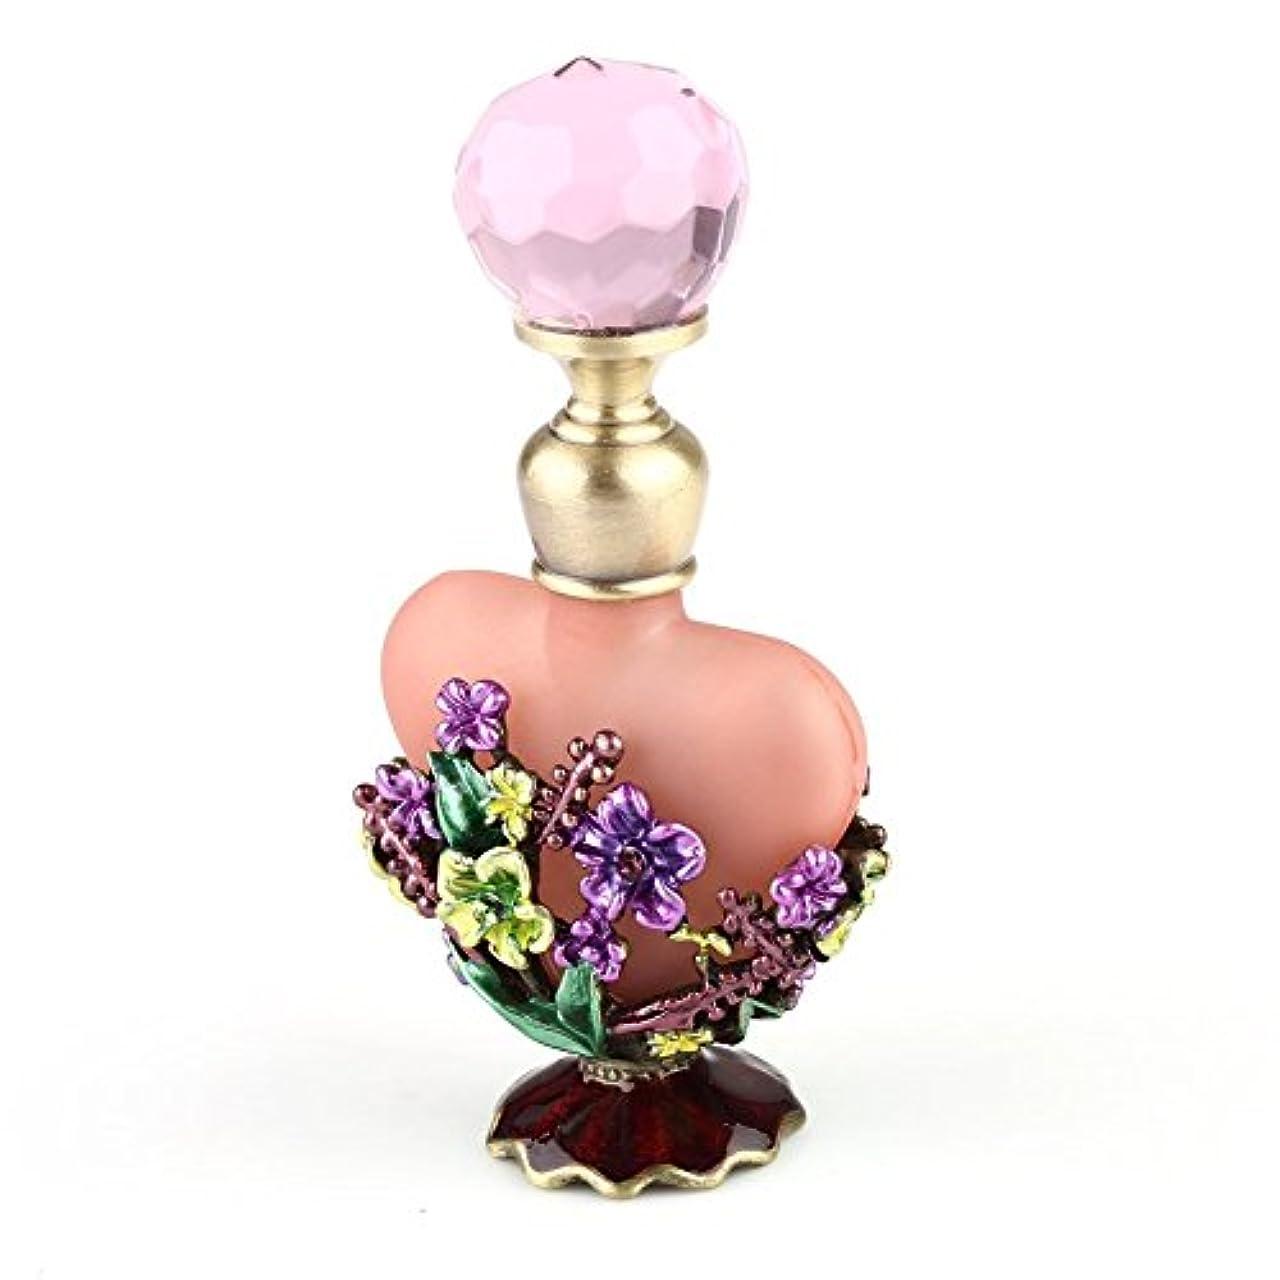 セクタ非武装化直接VERY100 高品質 美しい香水瓶/アロマボトル 5ML ピンク アロマオイル用瓶 綺麗アンティーク調フラワーデザイン プレゼント 結婚式 飾り